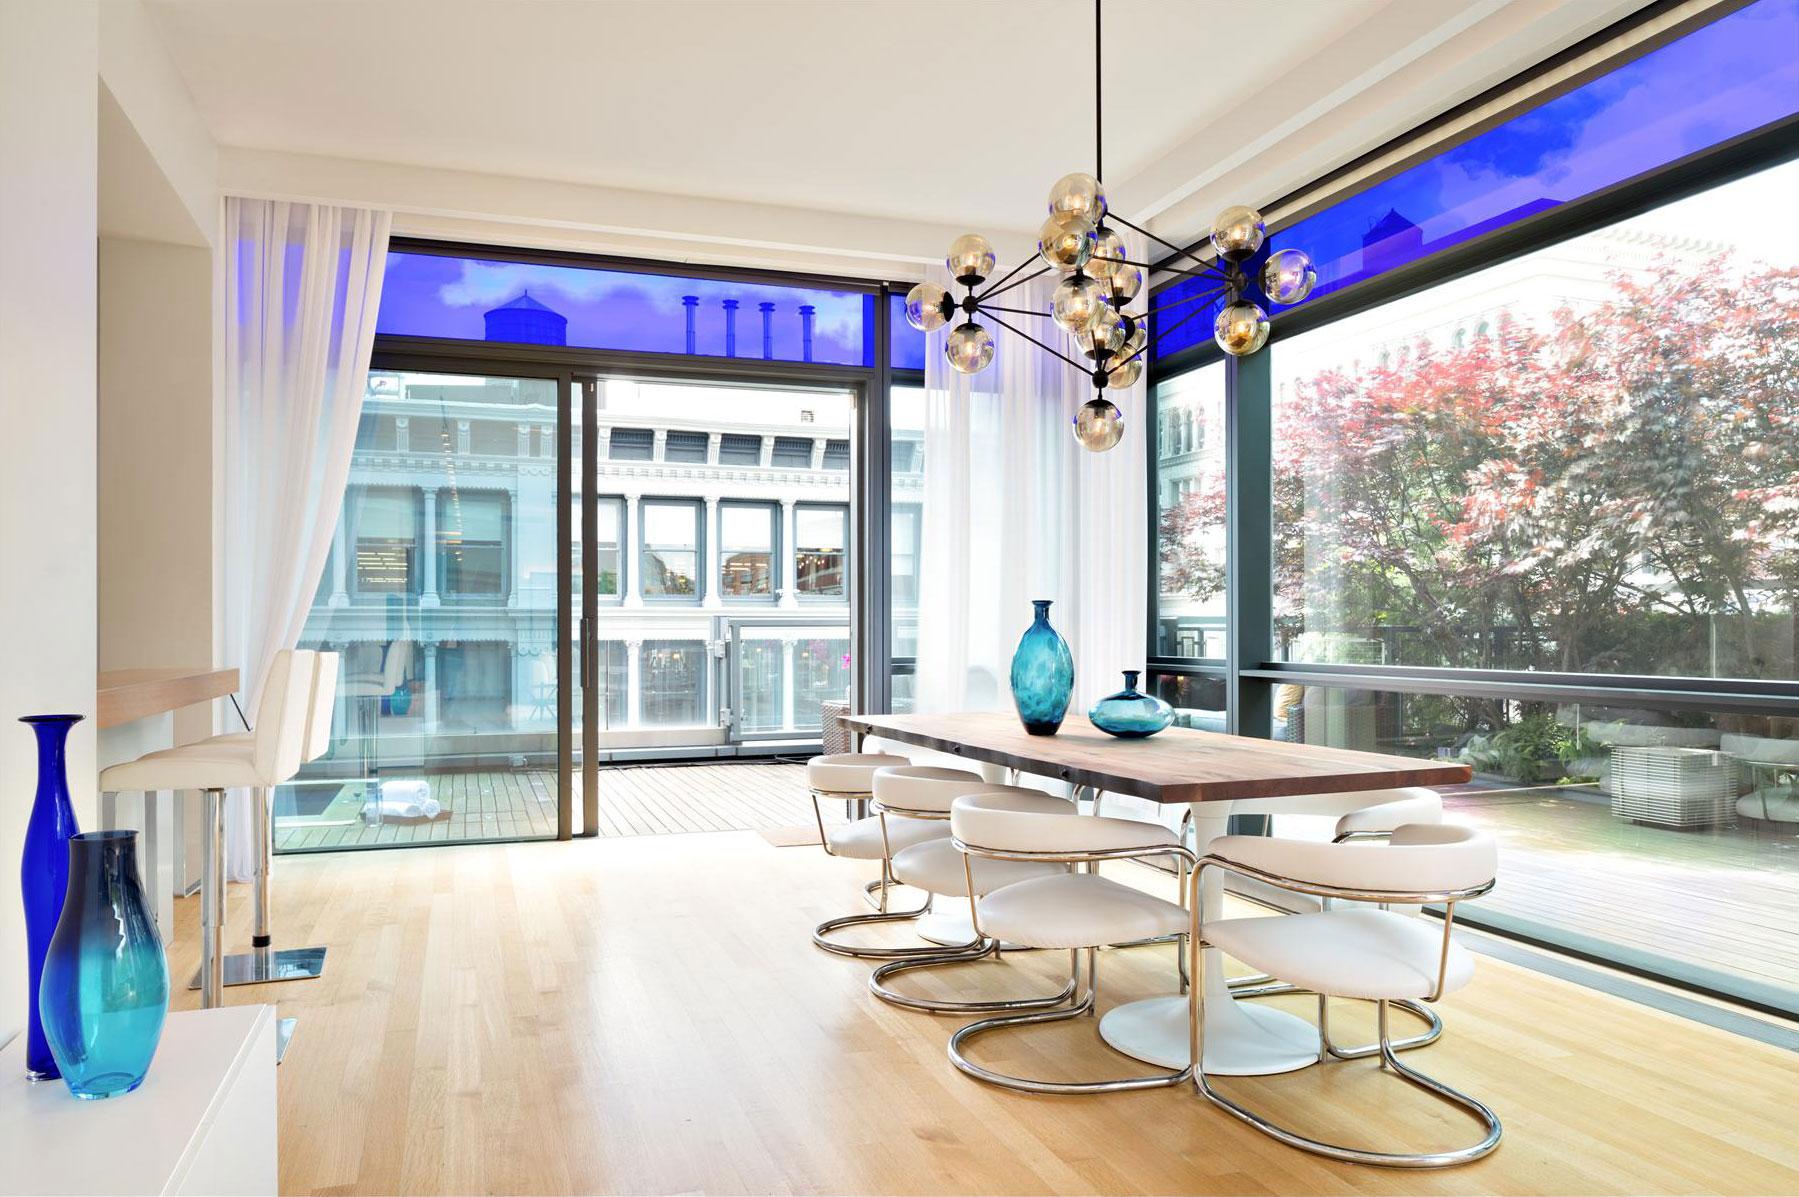 Elegant takvåning i Soho, New York City-8 Elegant takvåning i Soho, New York City